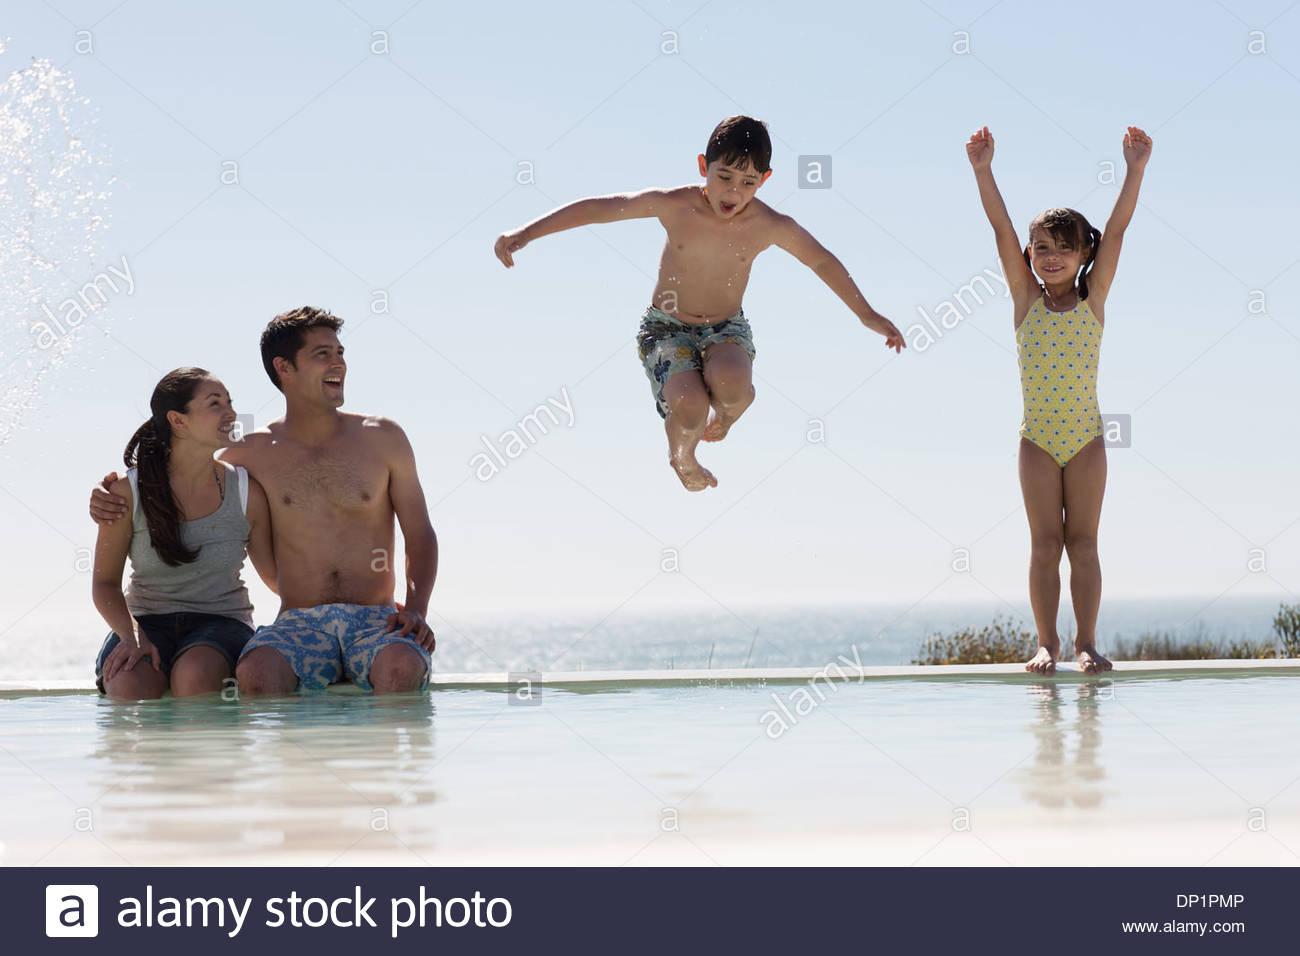 Familia jugando en la piscina Imagen De Stock